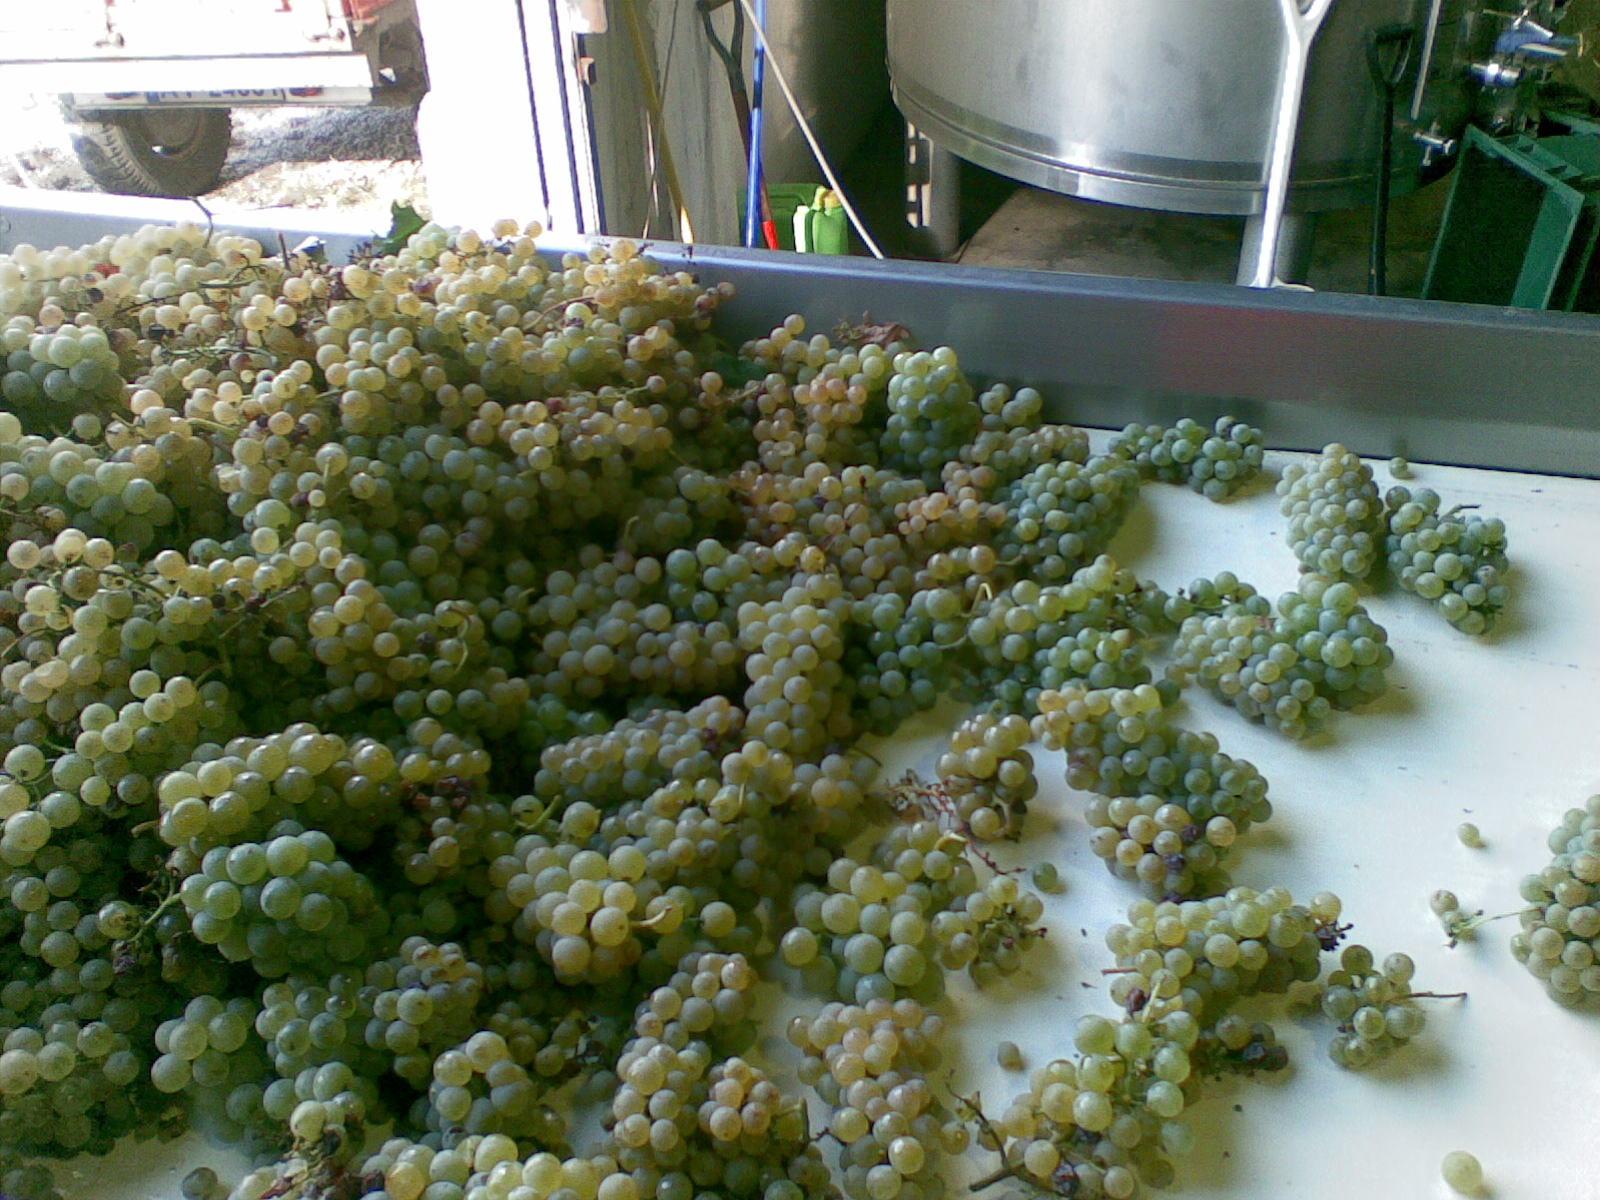 Receção de uva branca em passadeira